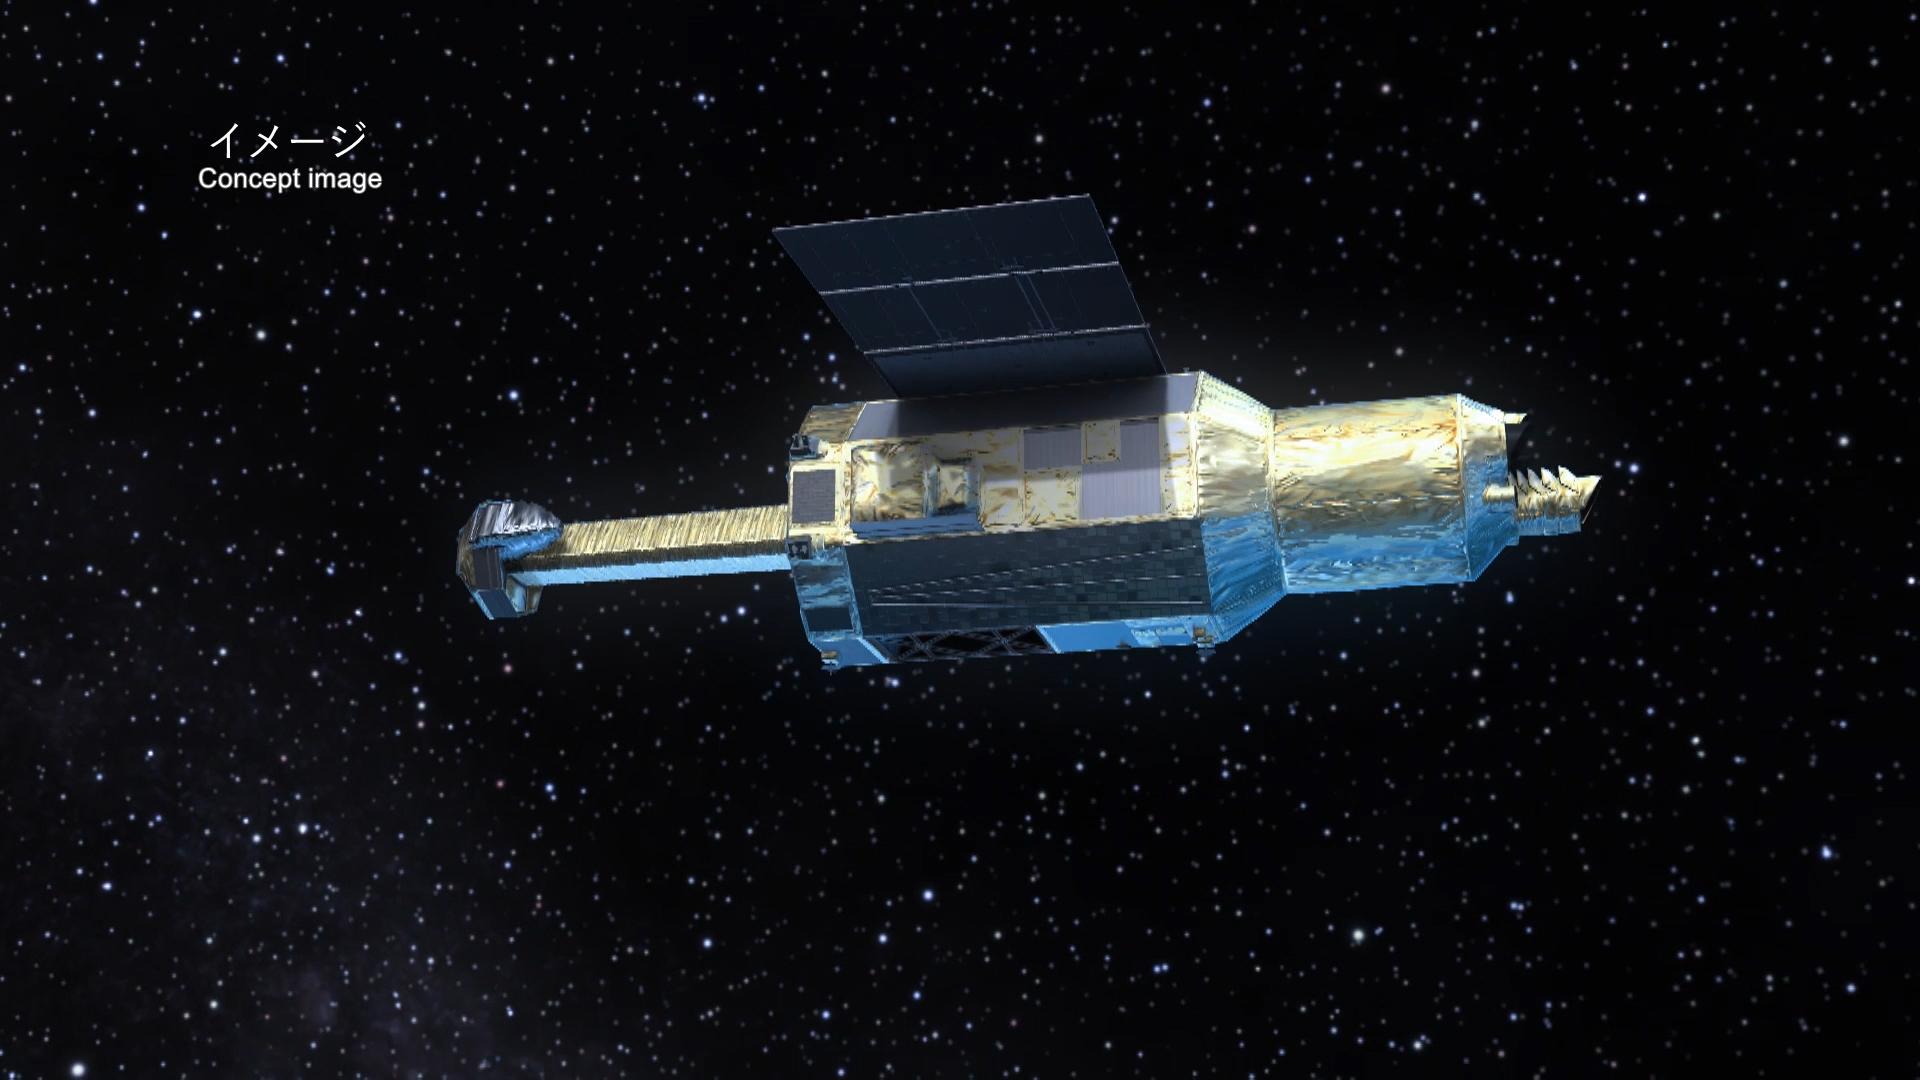 Observatoire spatial ASTRO-H : nouvelle vision de phénomènes astronomiques très chauds